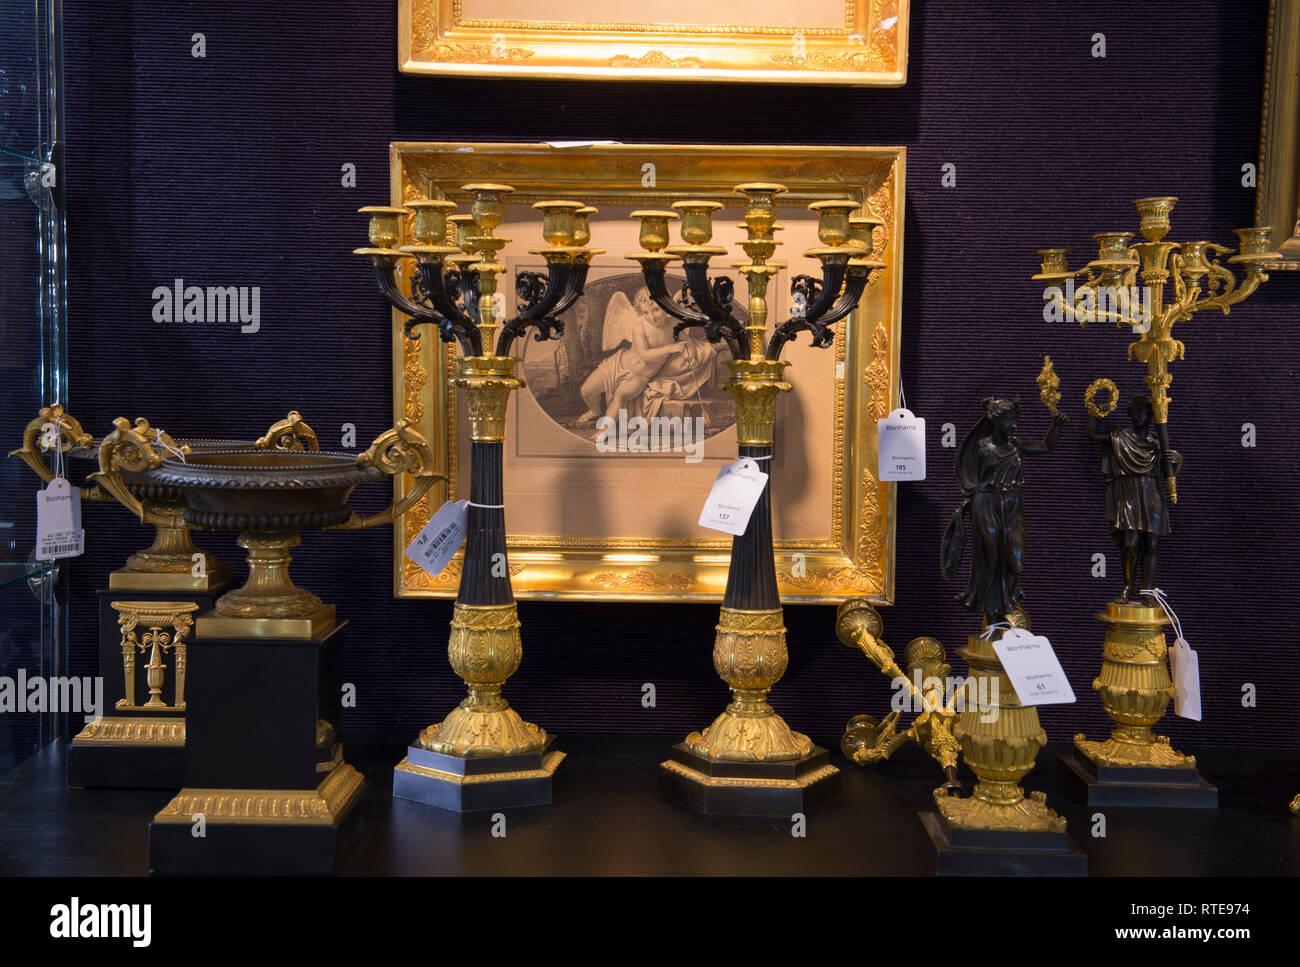 Bonhams, Knightsbridge, Londres, Reino Unido. El 1 de marzo, 2019. Colección privada y Galería de Alain Morvan Antiquitäten previsualizar antes de su venta en Bonhams el 6 de marzo. Crédito: Malcolm Park/Alamy Live News. Foto de stock